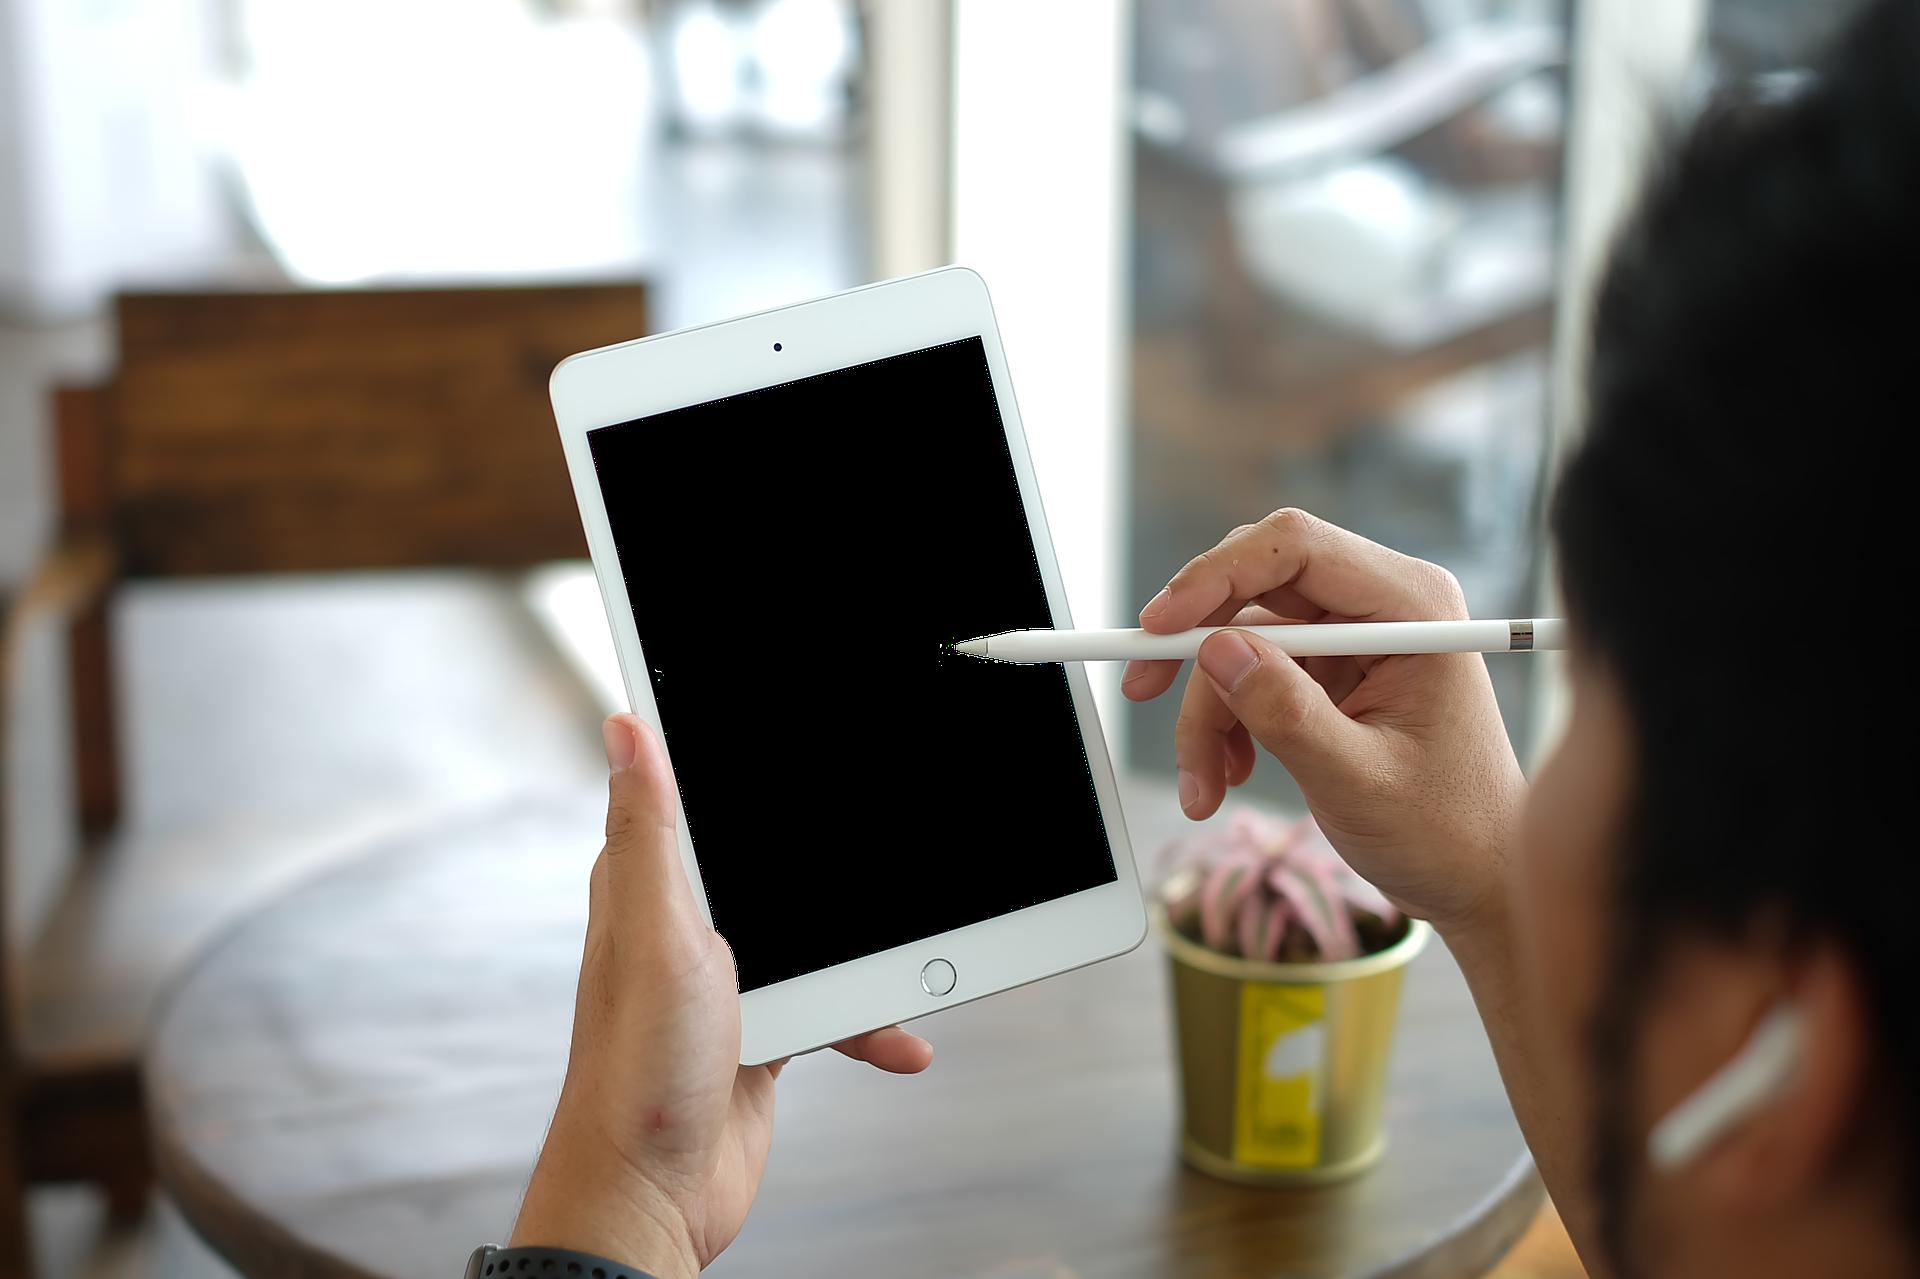 Imagem mostra uma pessoa usando uma caneta em um tablet.